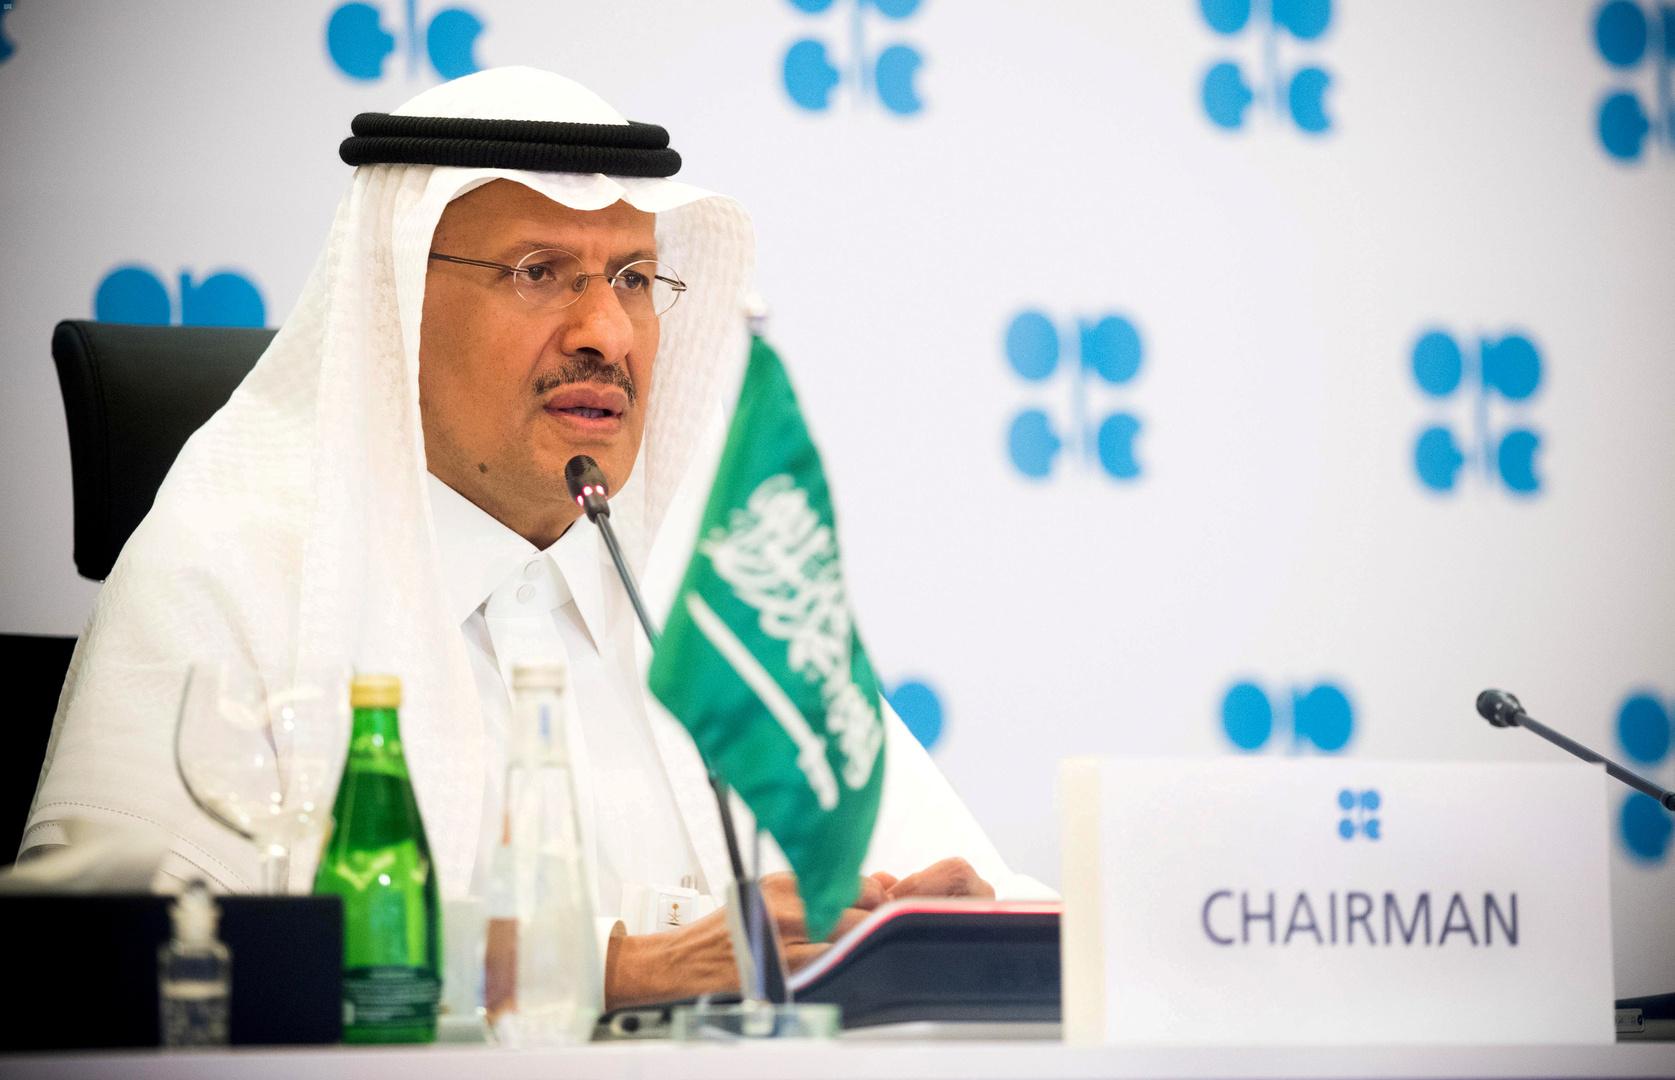 وزير الطاقة السعودي:  أحضر اجتماعات أوبك+ منذ 34 عاما ولم أشهد طلبا مماثلا من أي دولة